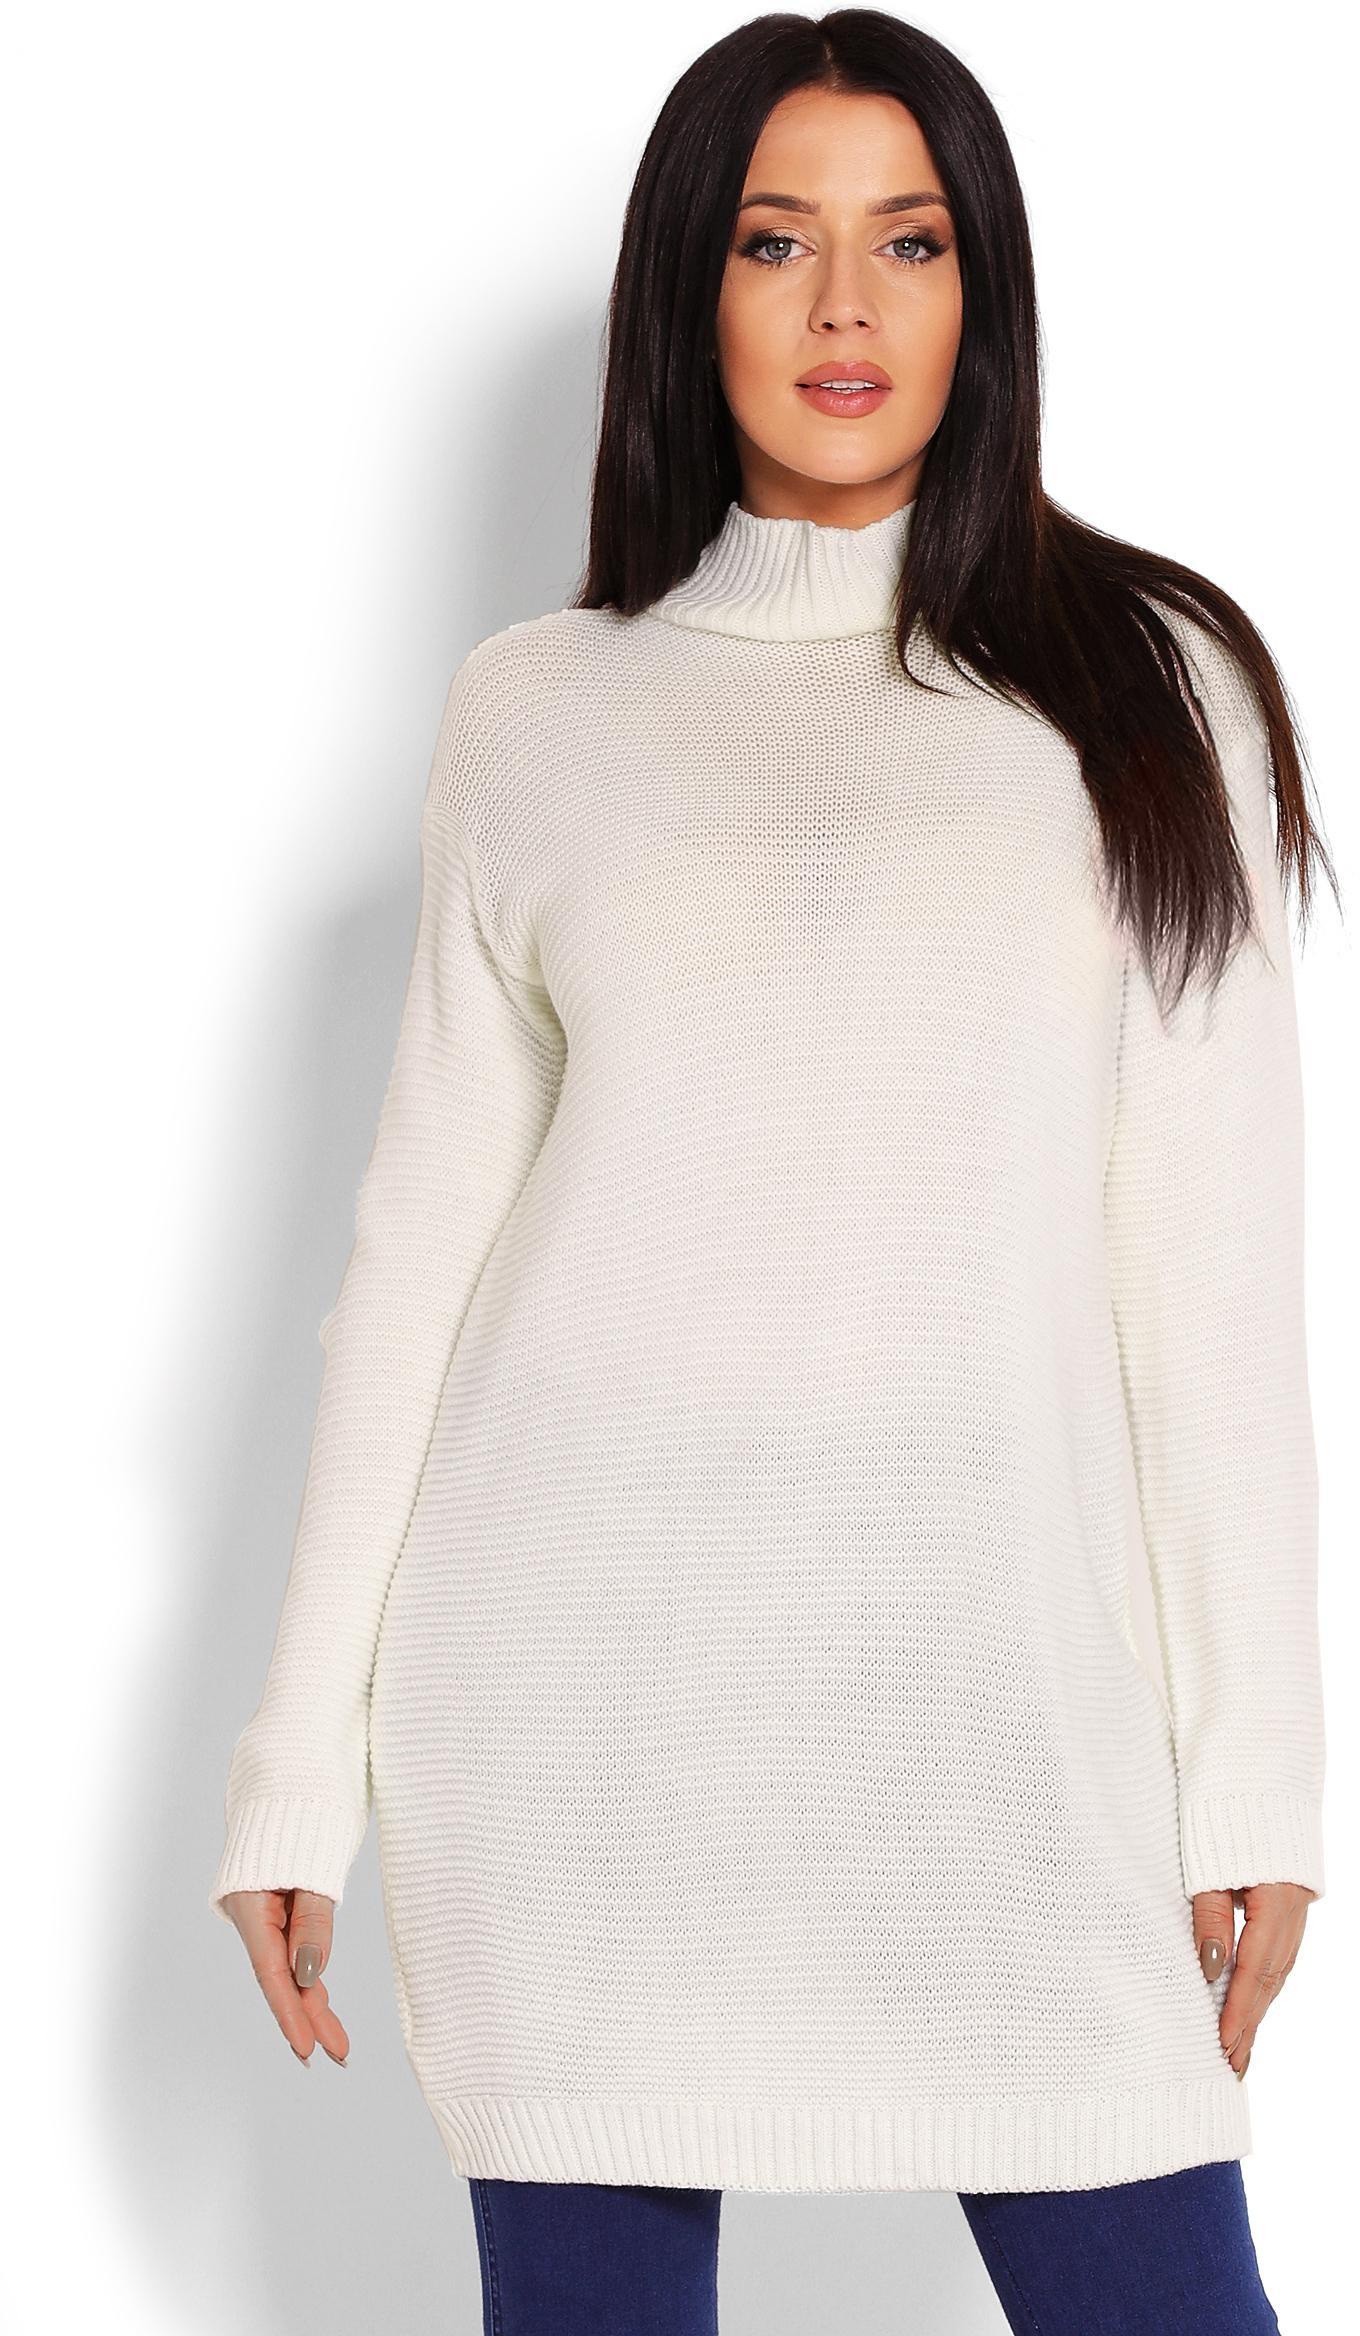 Dlhý krémový dámsky sveter 40009 - Uni